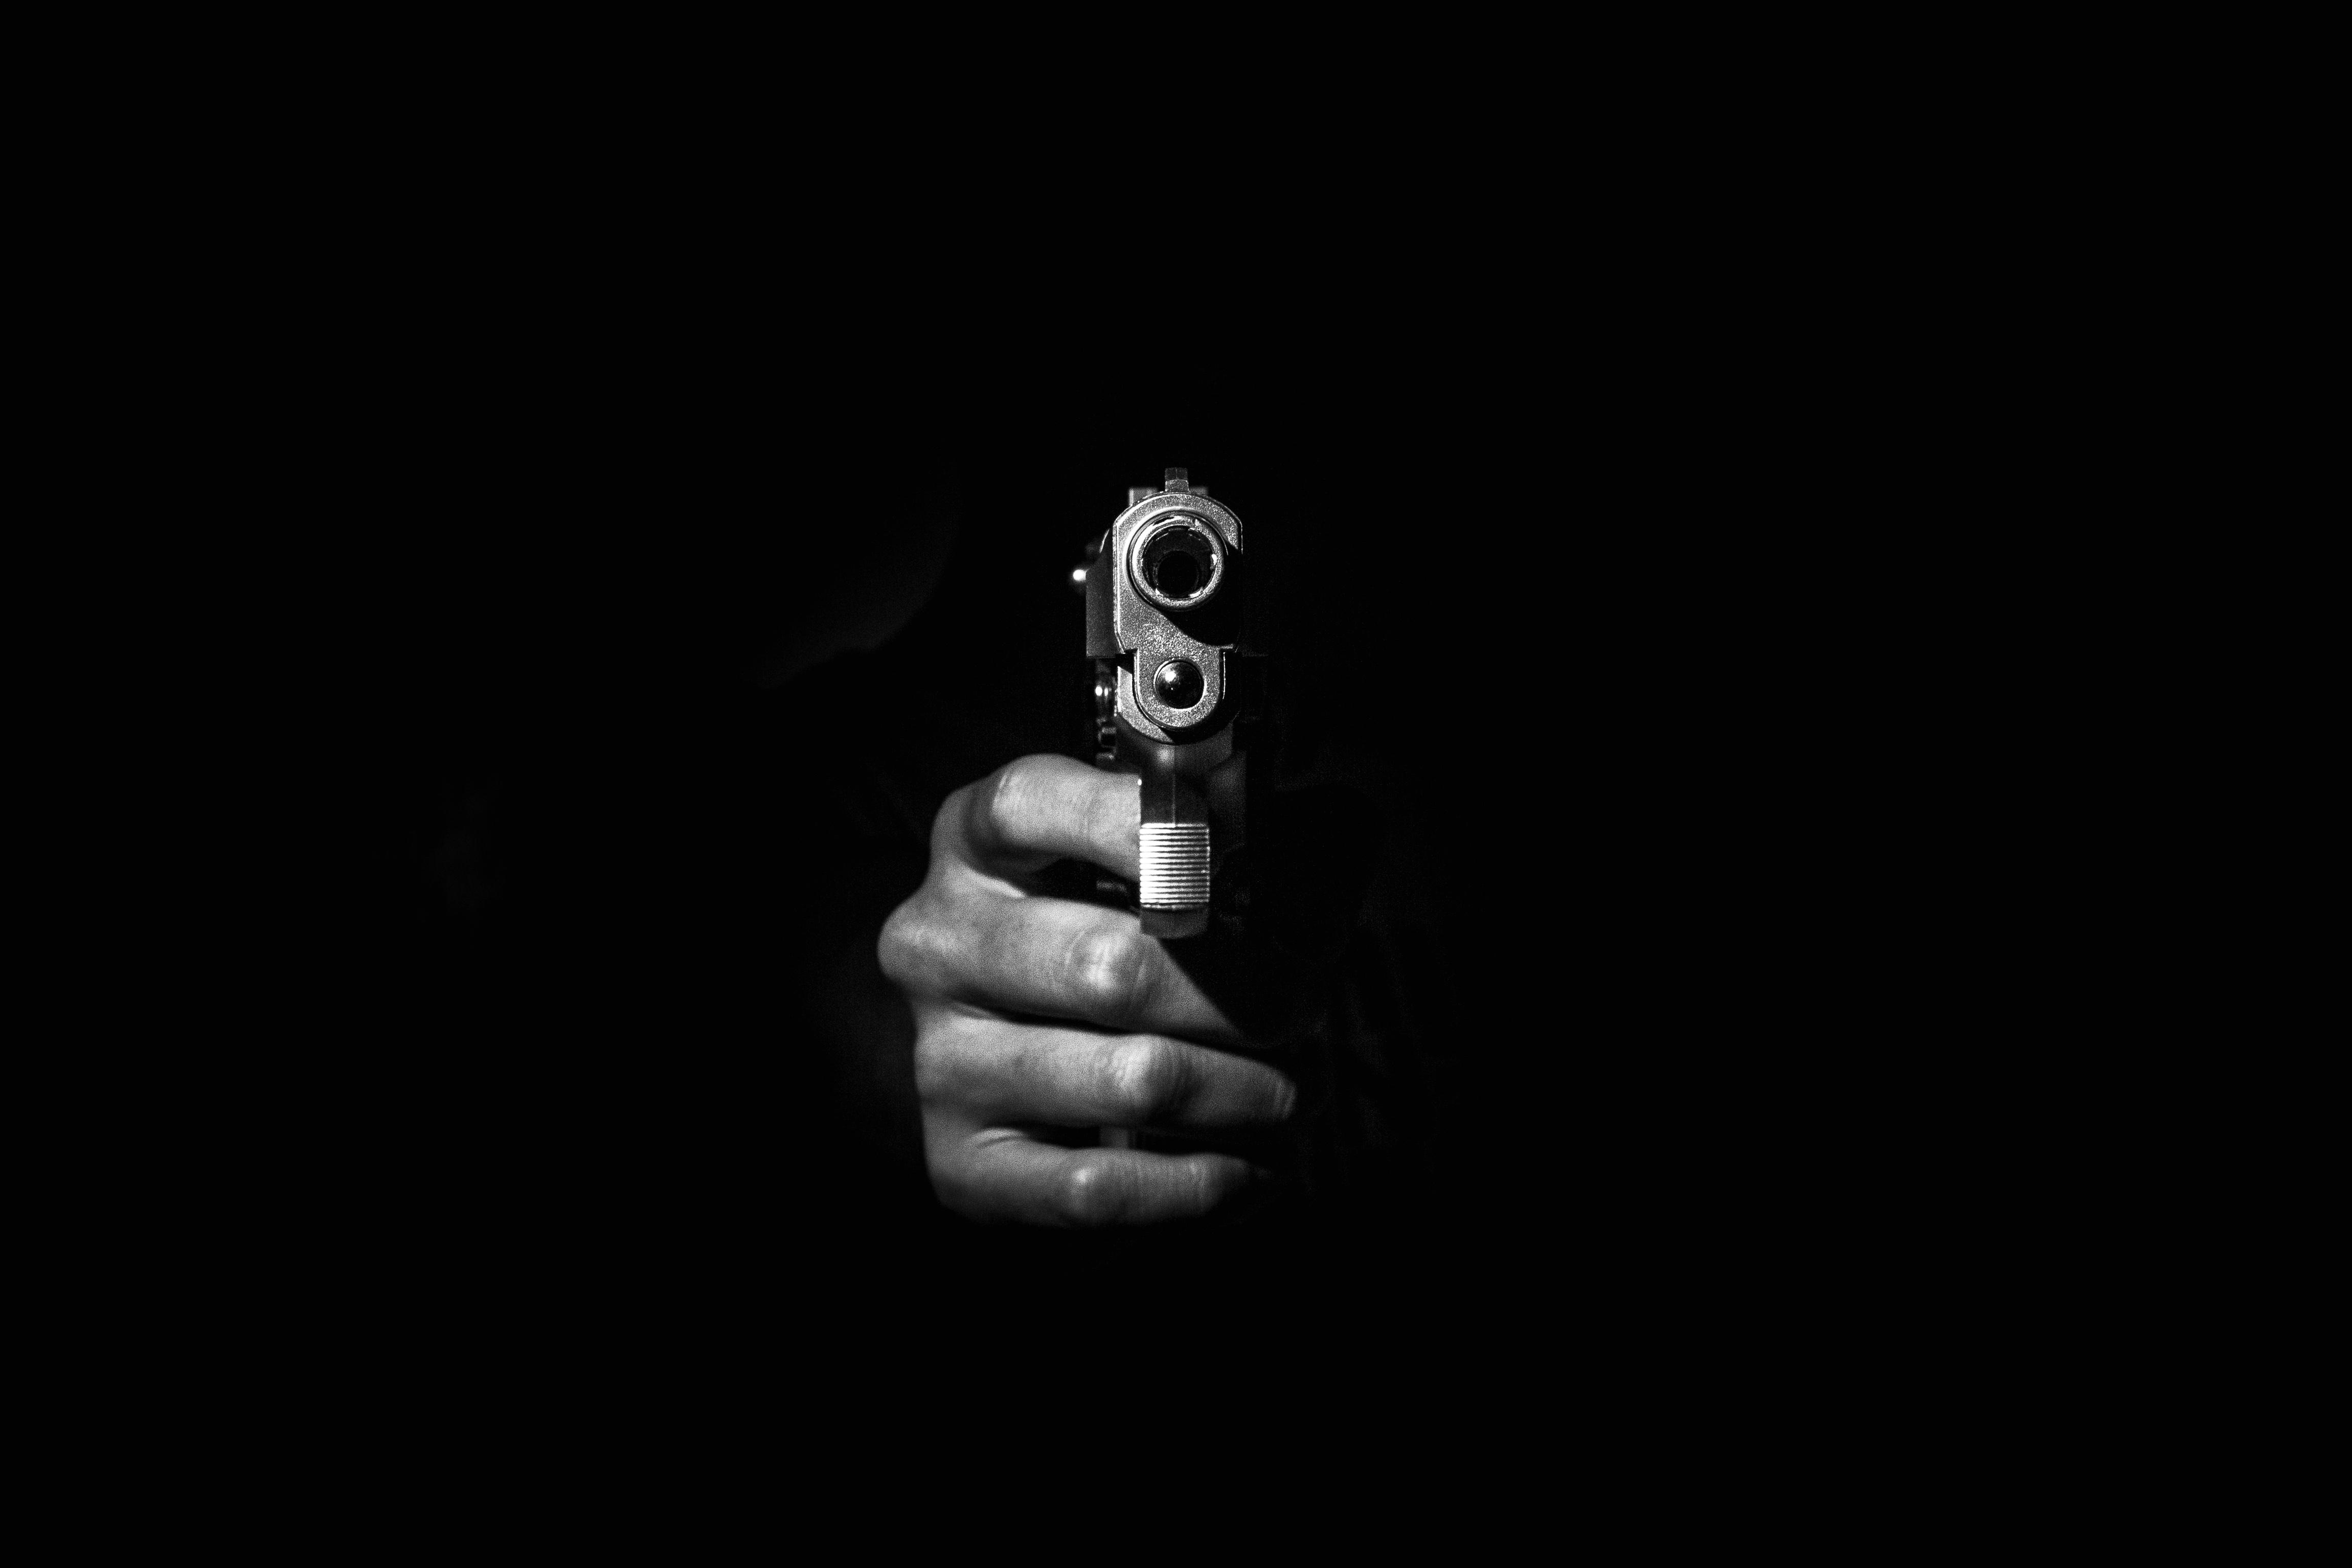 Sfondi Amore Canone Progetto Eos Alto Spagna Chiave Pistola